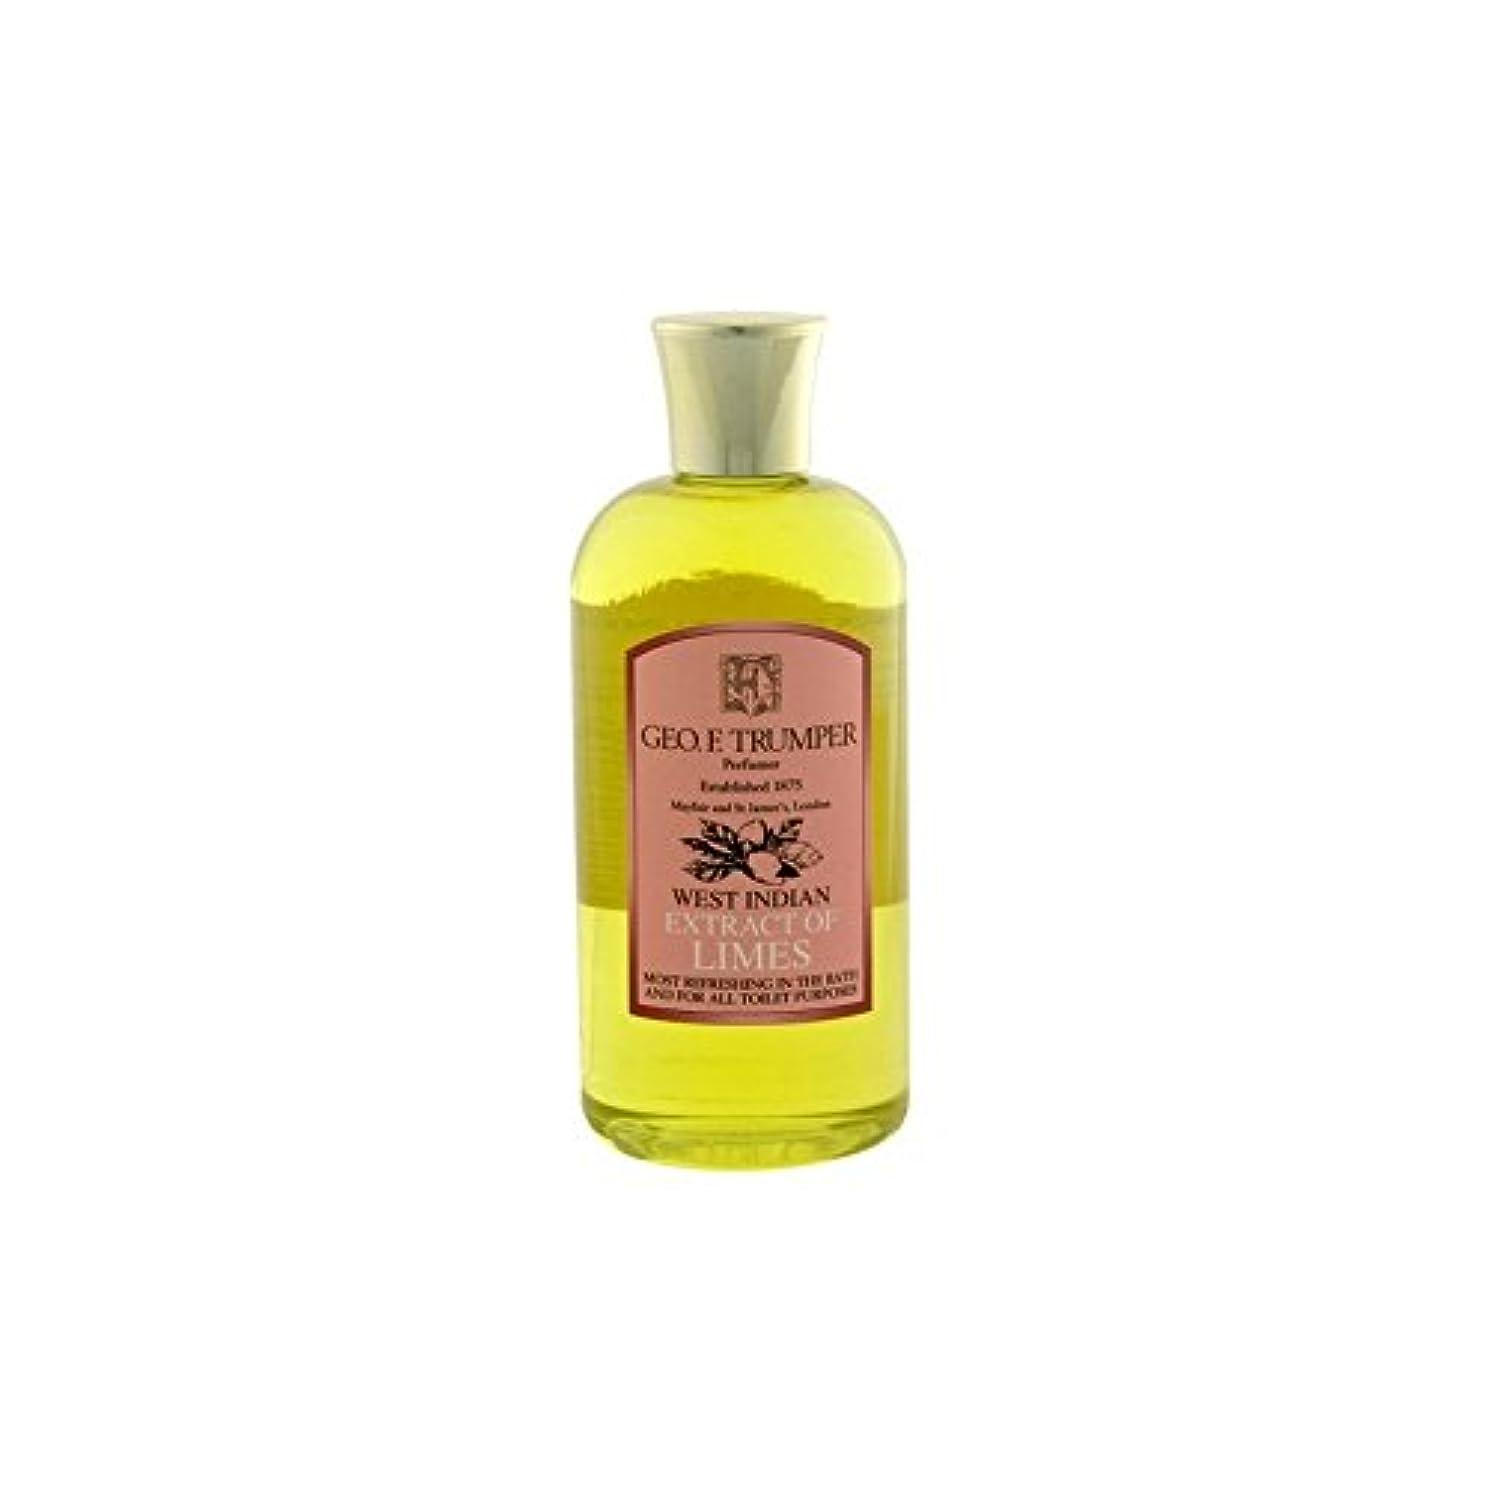 原因パネルクレアライムのバス&シャワージェル - 500ミリリットル旅 x2 - Trumpers Limes Bath & Shower Gel - 500ml Travel (Pack of 2) [並行輸入品]